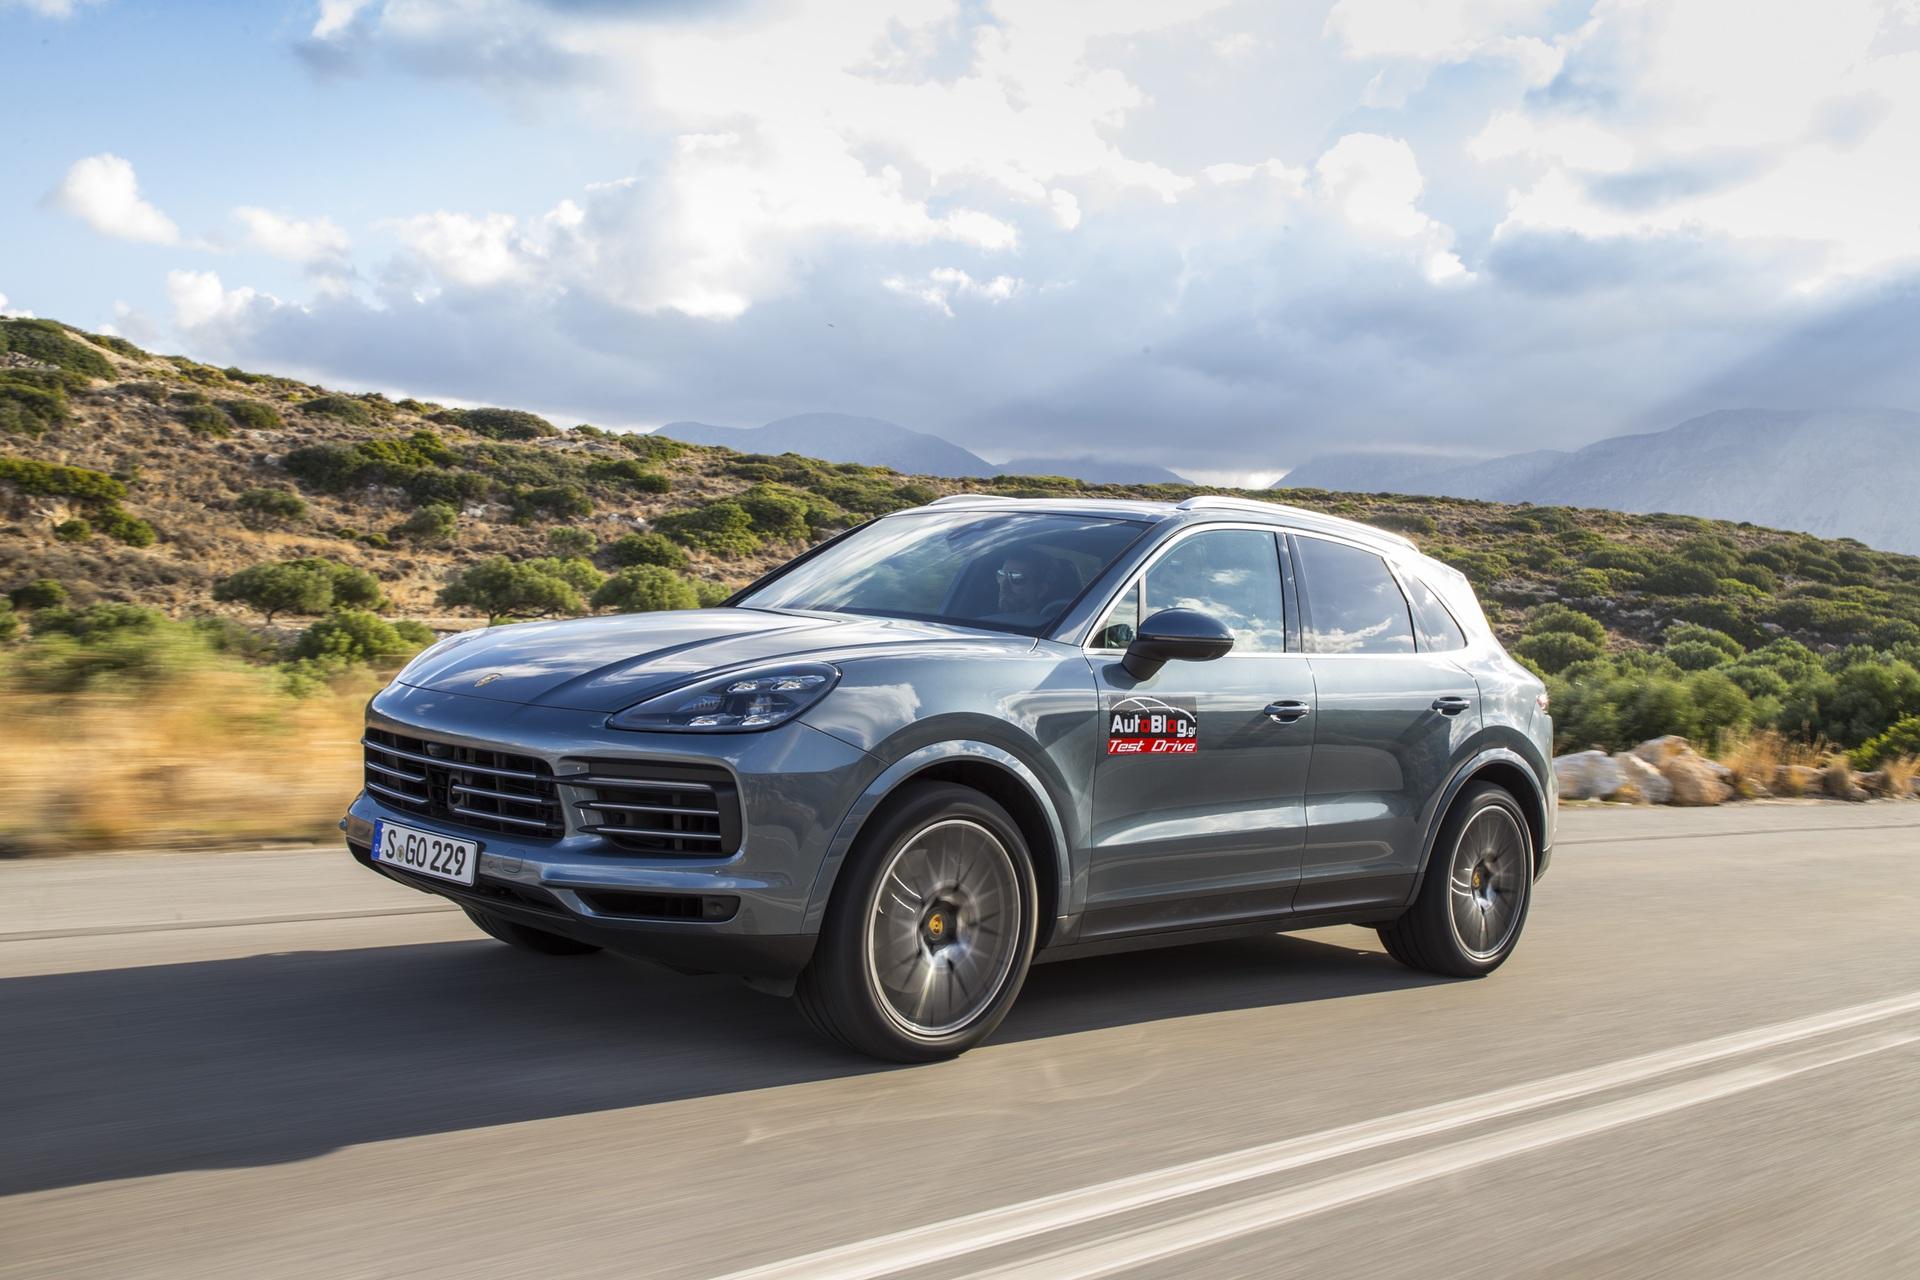 Test_Drive_Porsche_Cayenne_01